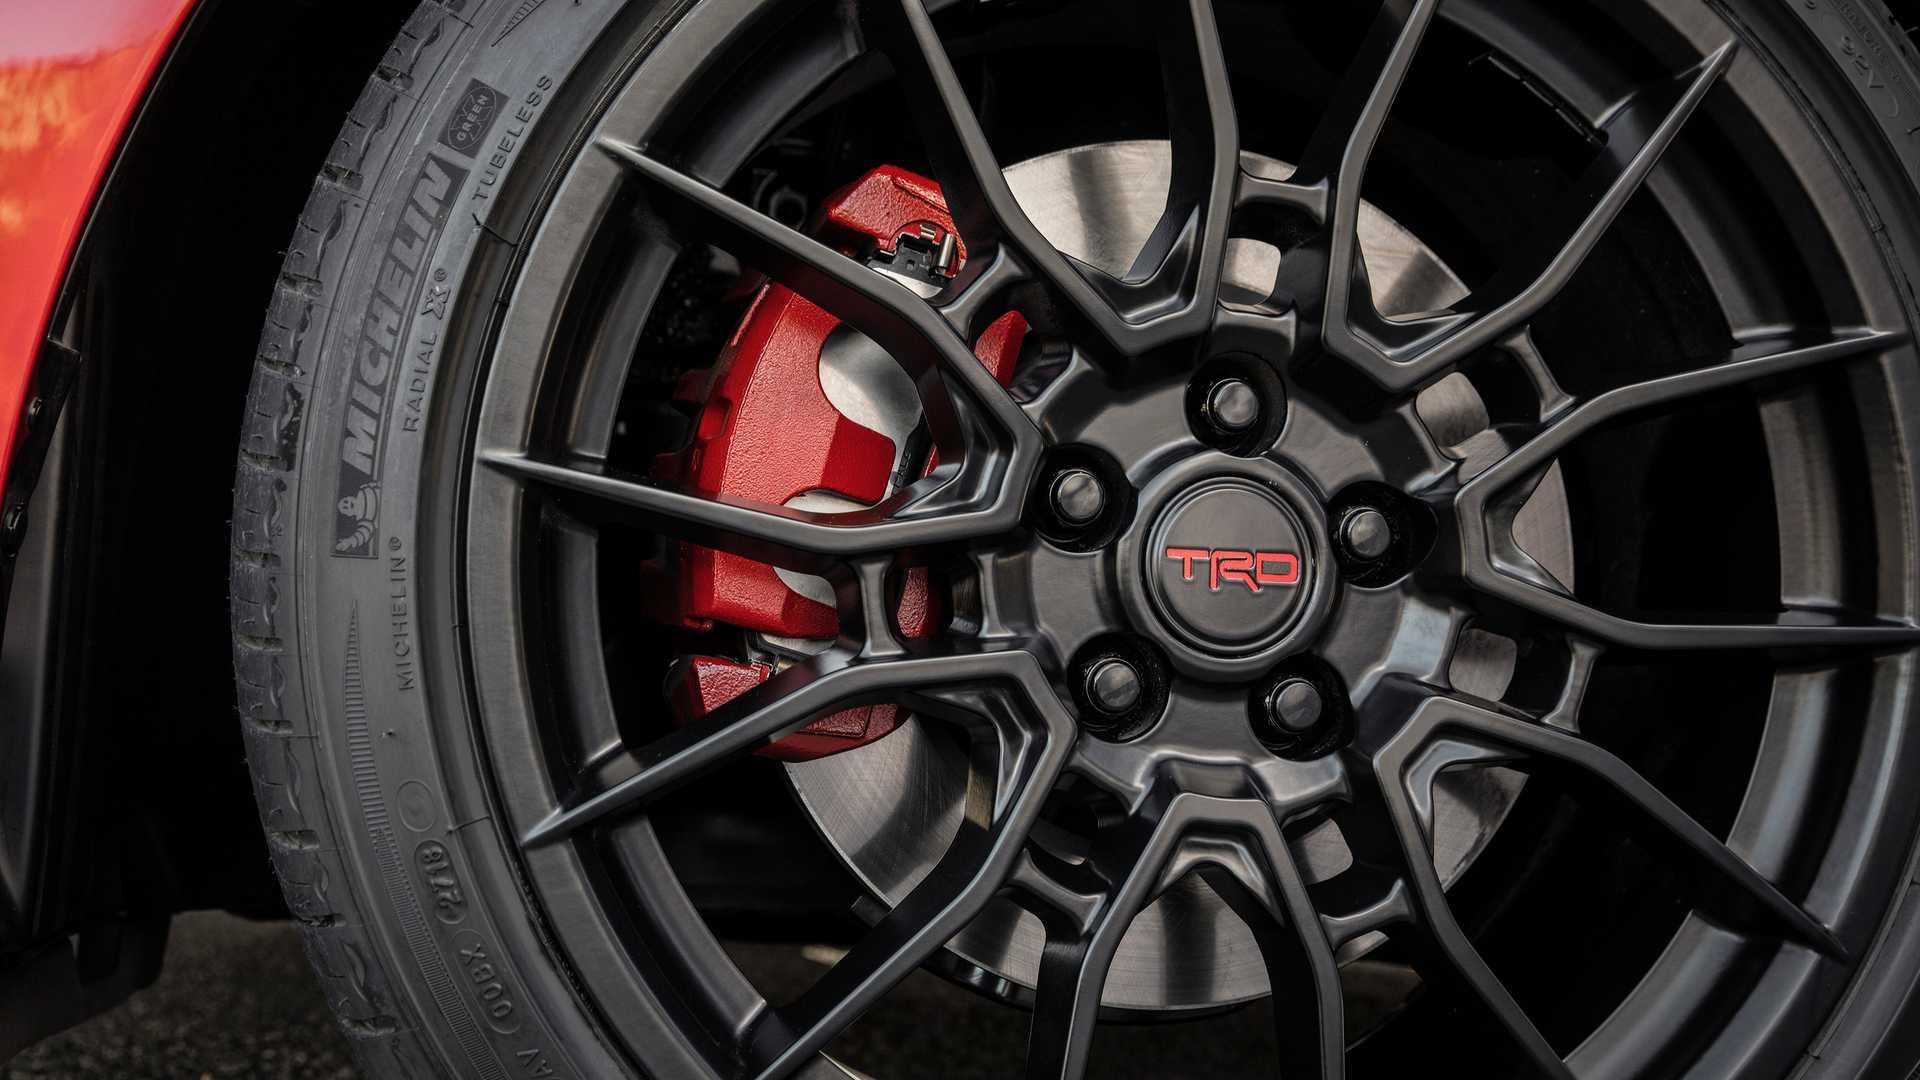 Sedan Toyota Avalon TRD 2020 phiên bản thể thao vừa ra mắt có giá 1 tỉ đồng - 3